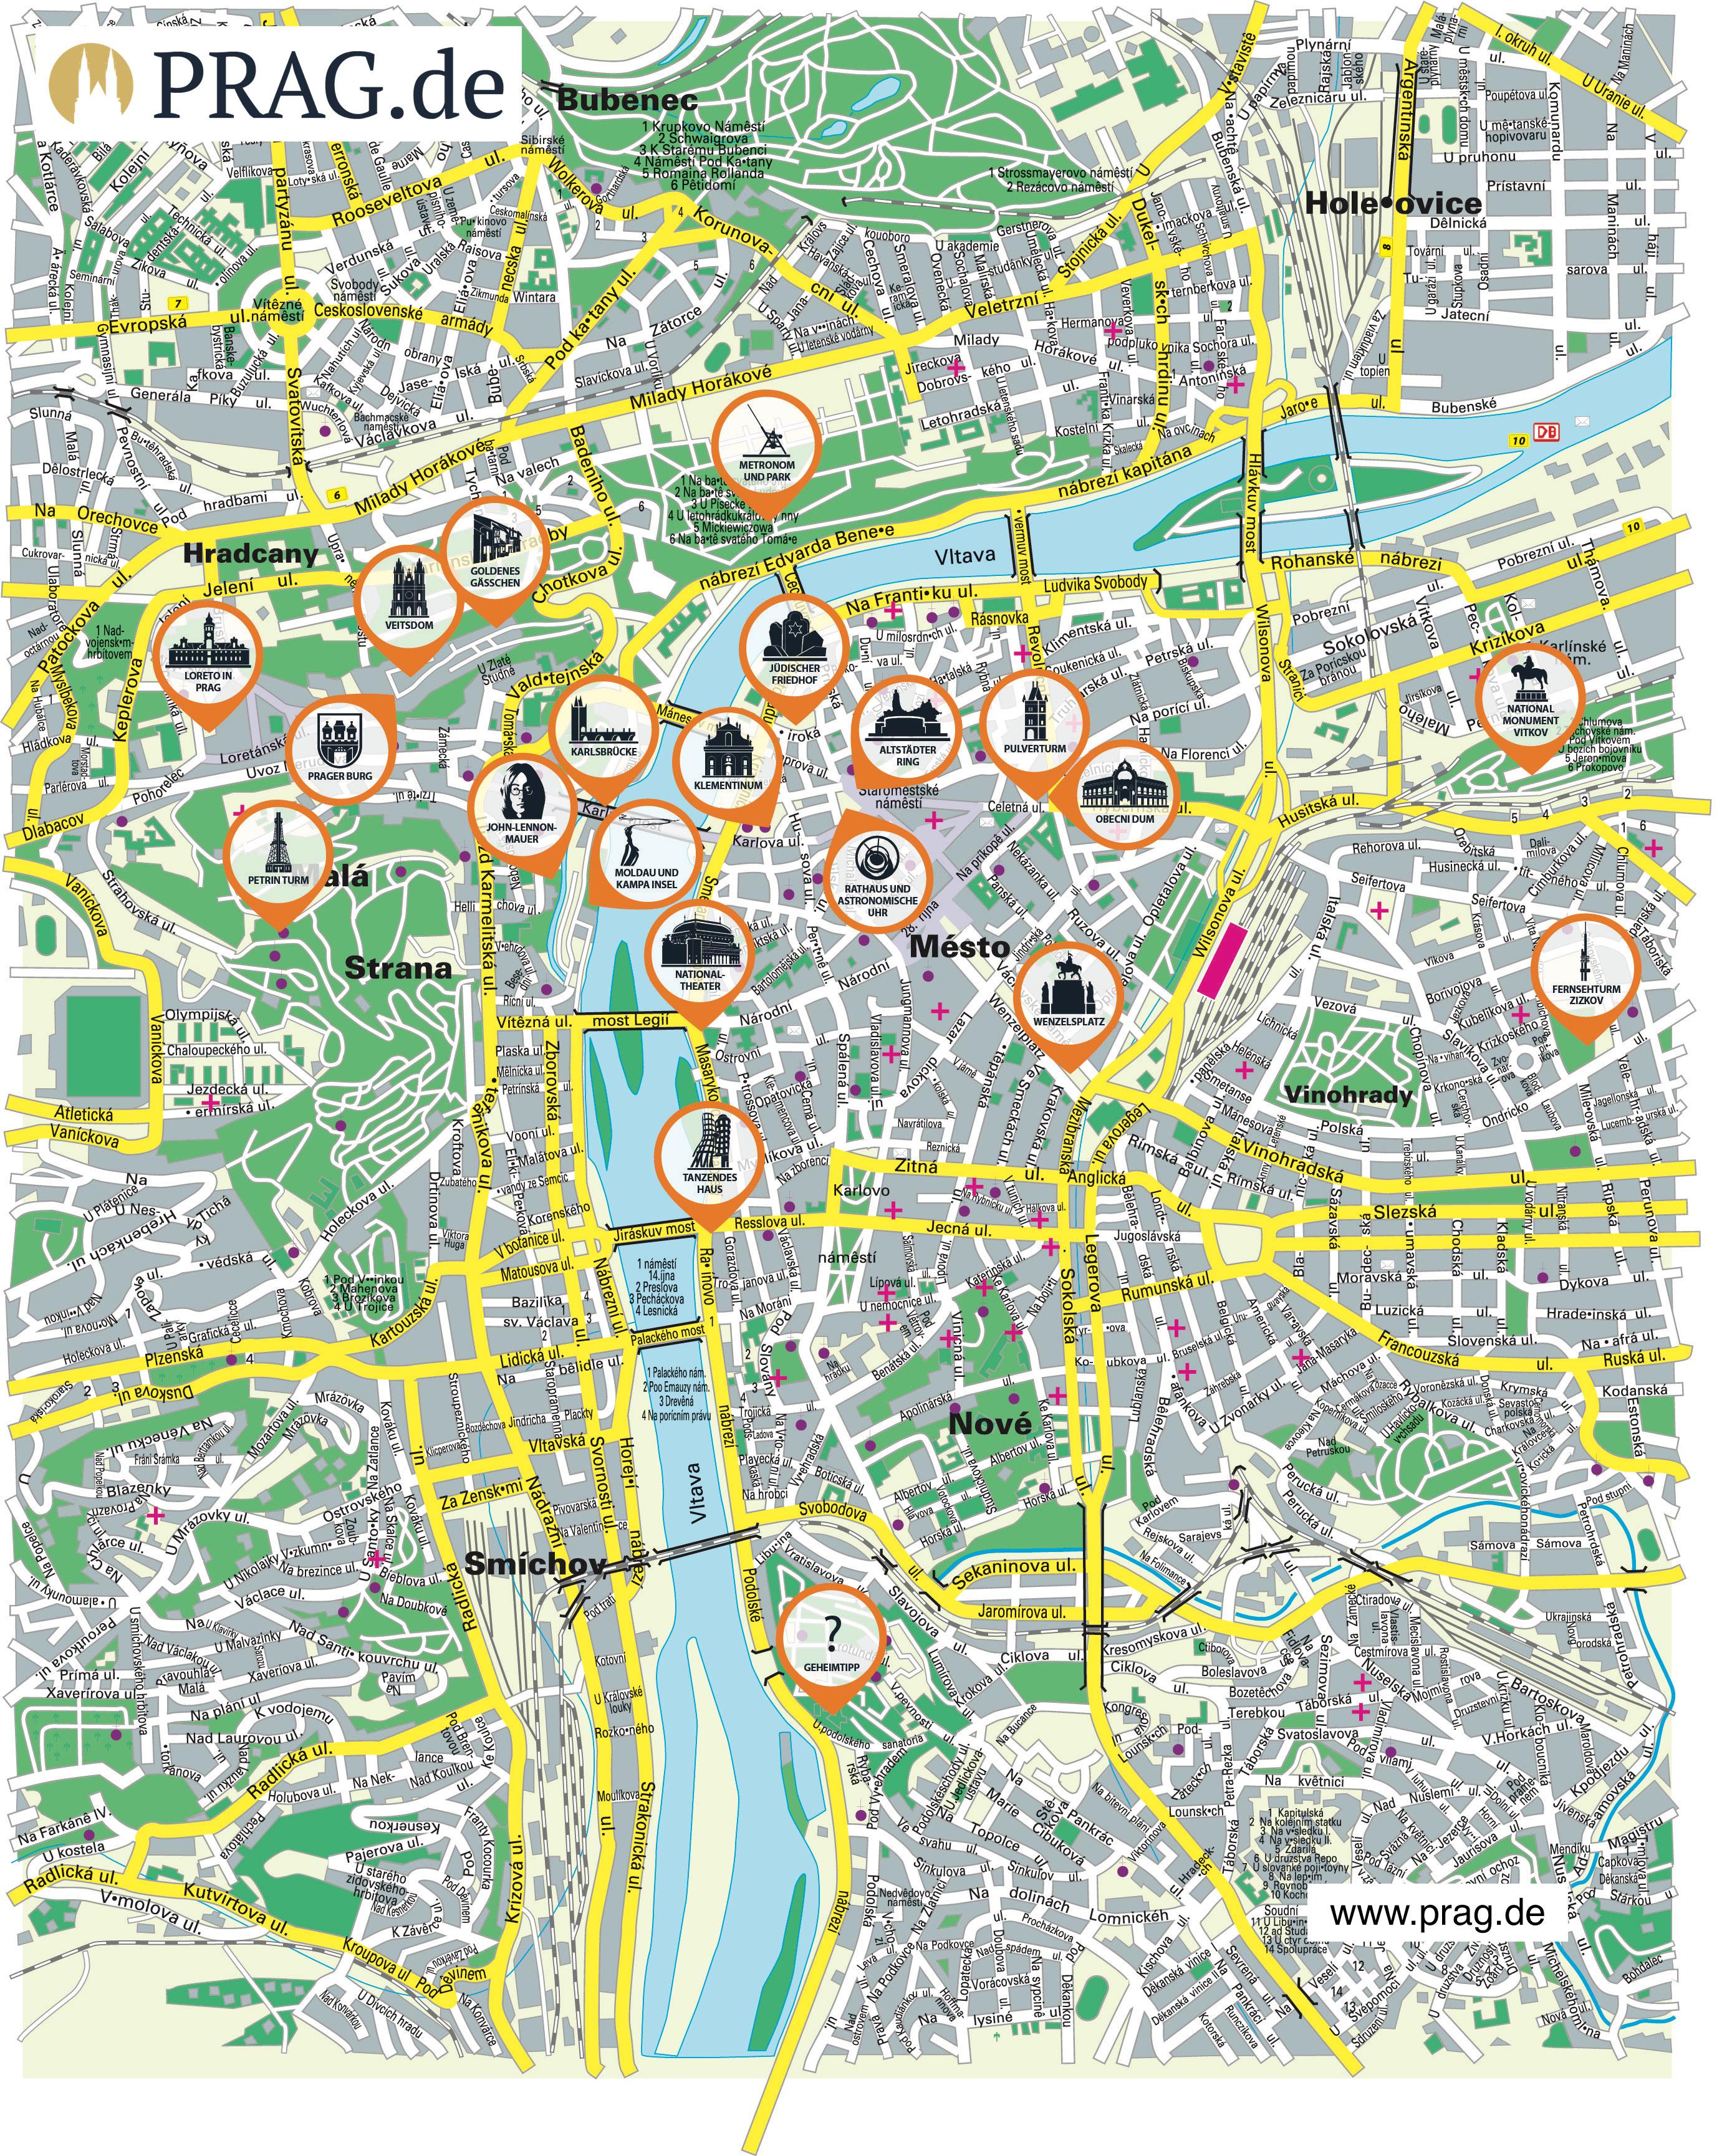 Prag Stadtplan Pdf Sehenswurdigkeiten Altstadt Zum Ausdrucken